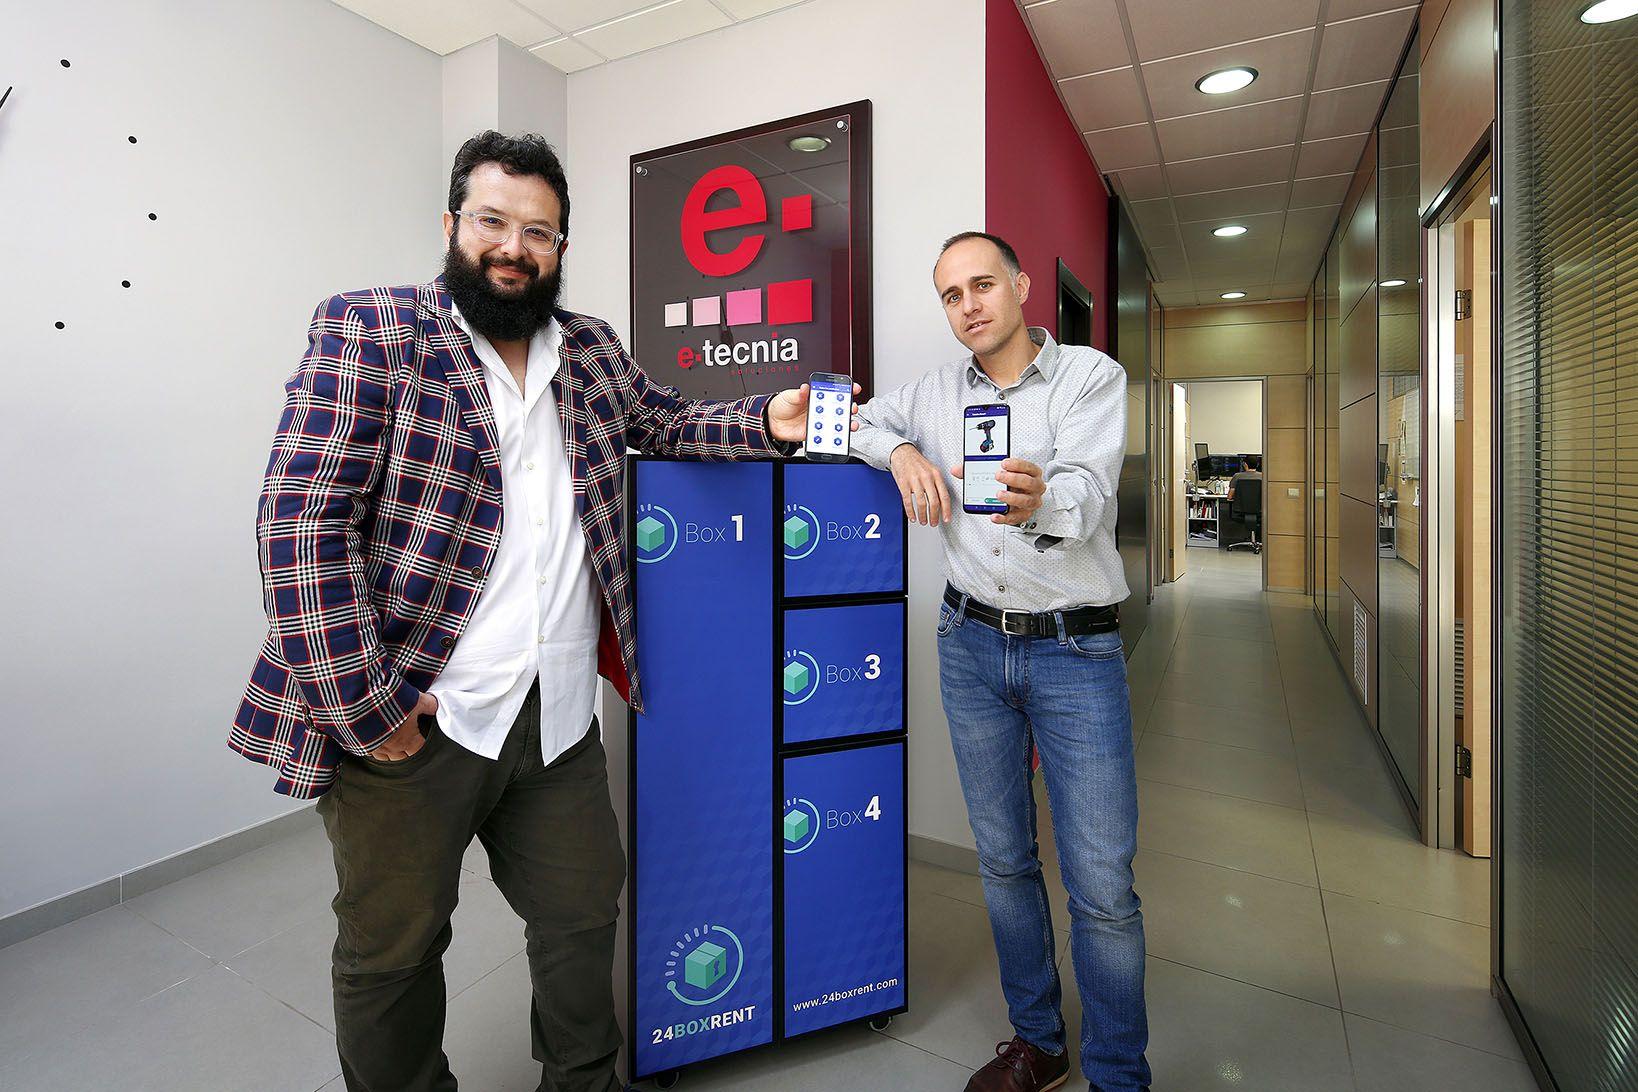 24boxrent, herramienta creada por E-tecnia, gana el premio al Mejor Producto Digital Retailtech 2019